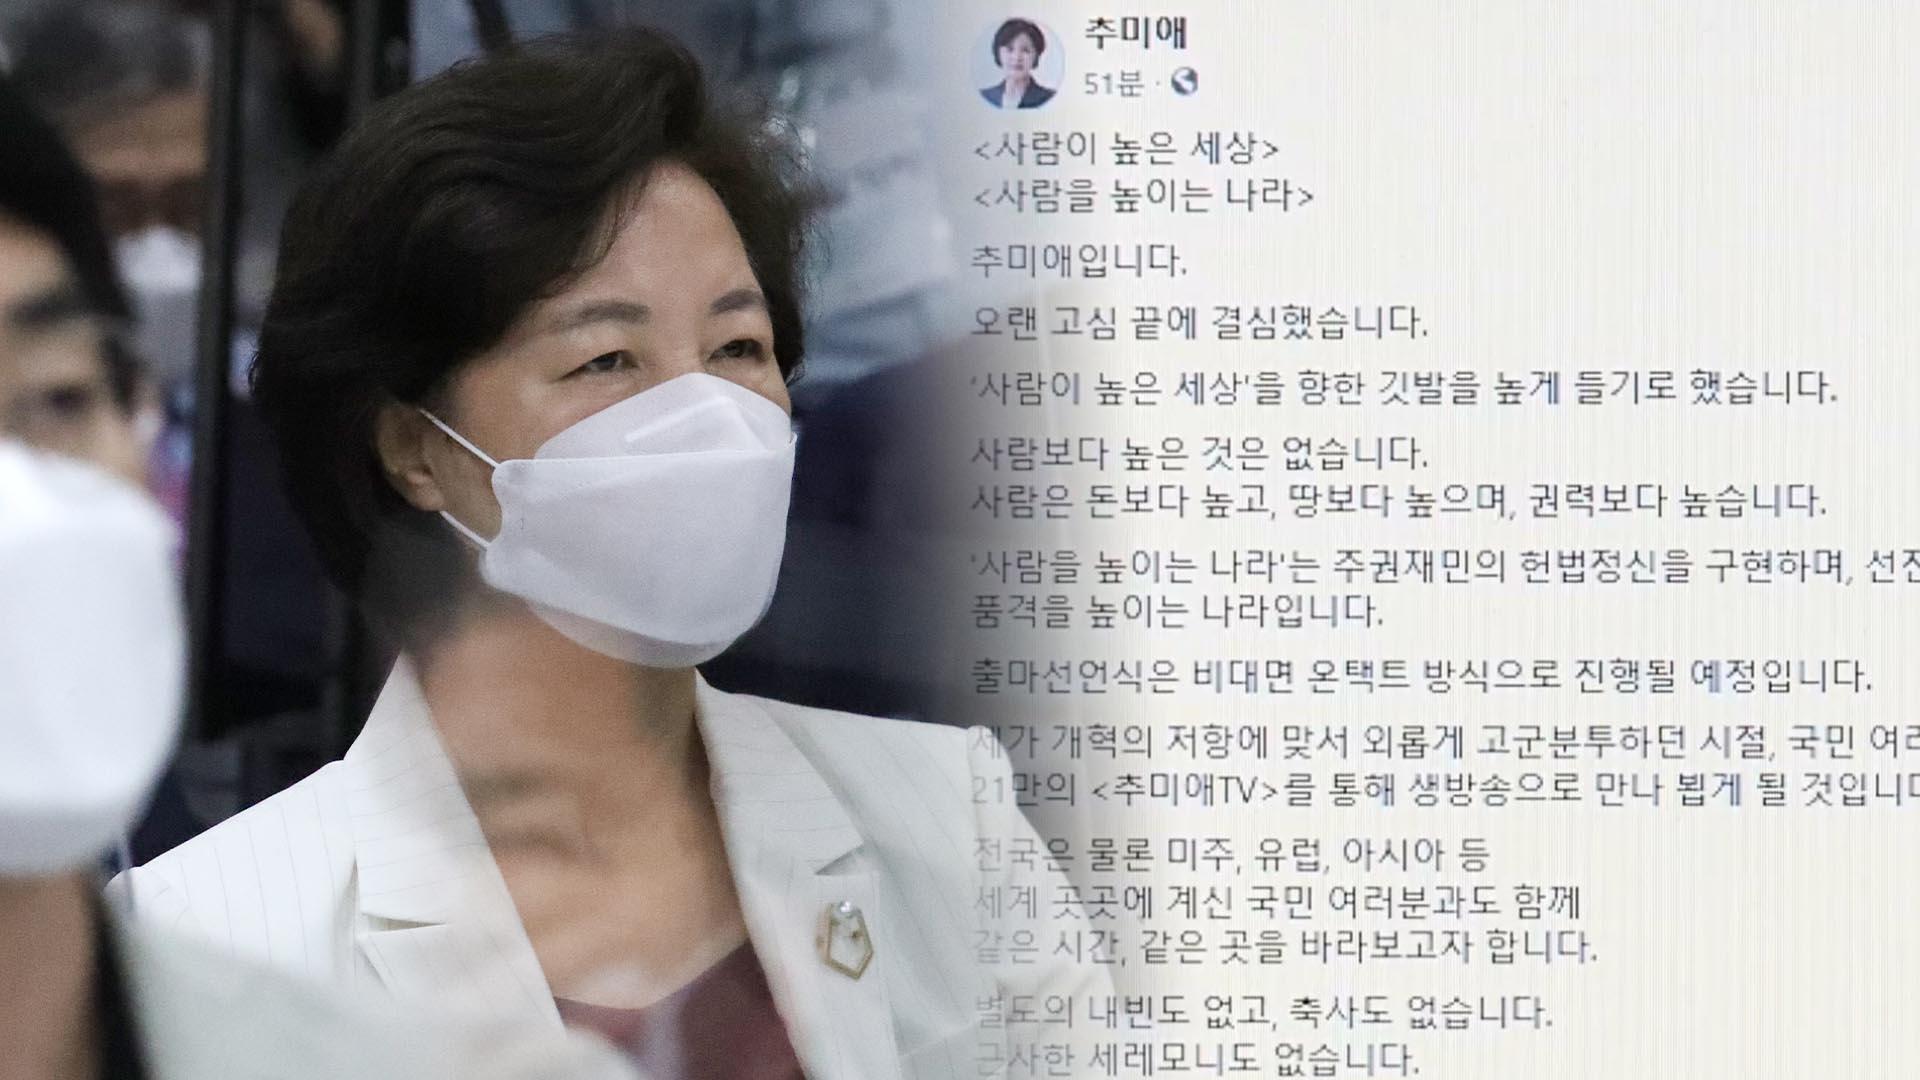 """추미애, 모레 대선 출마 선언…""""사람이 높은 세상 향해"""""""